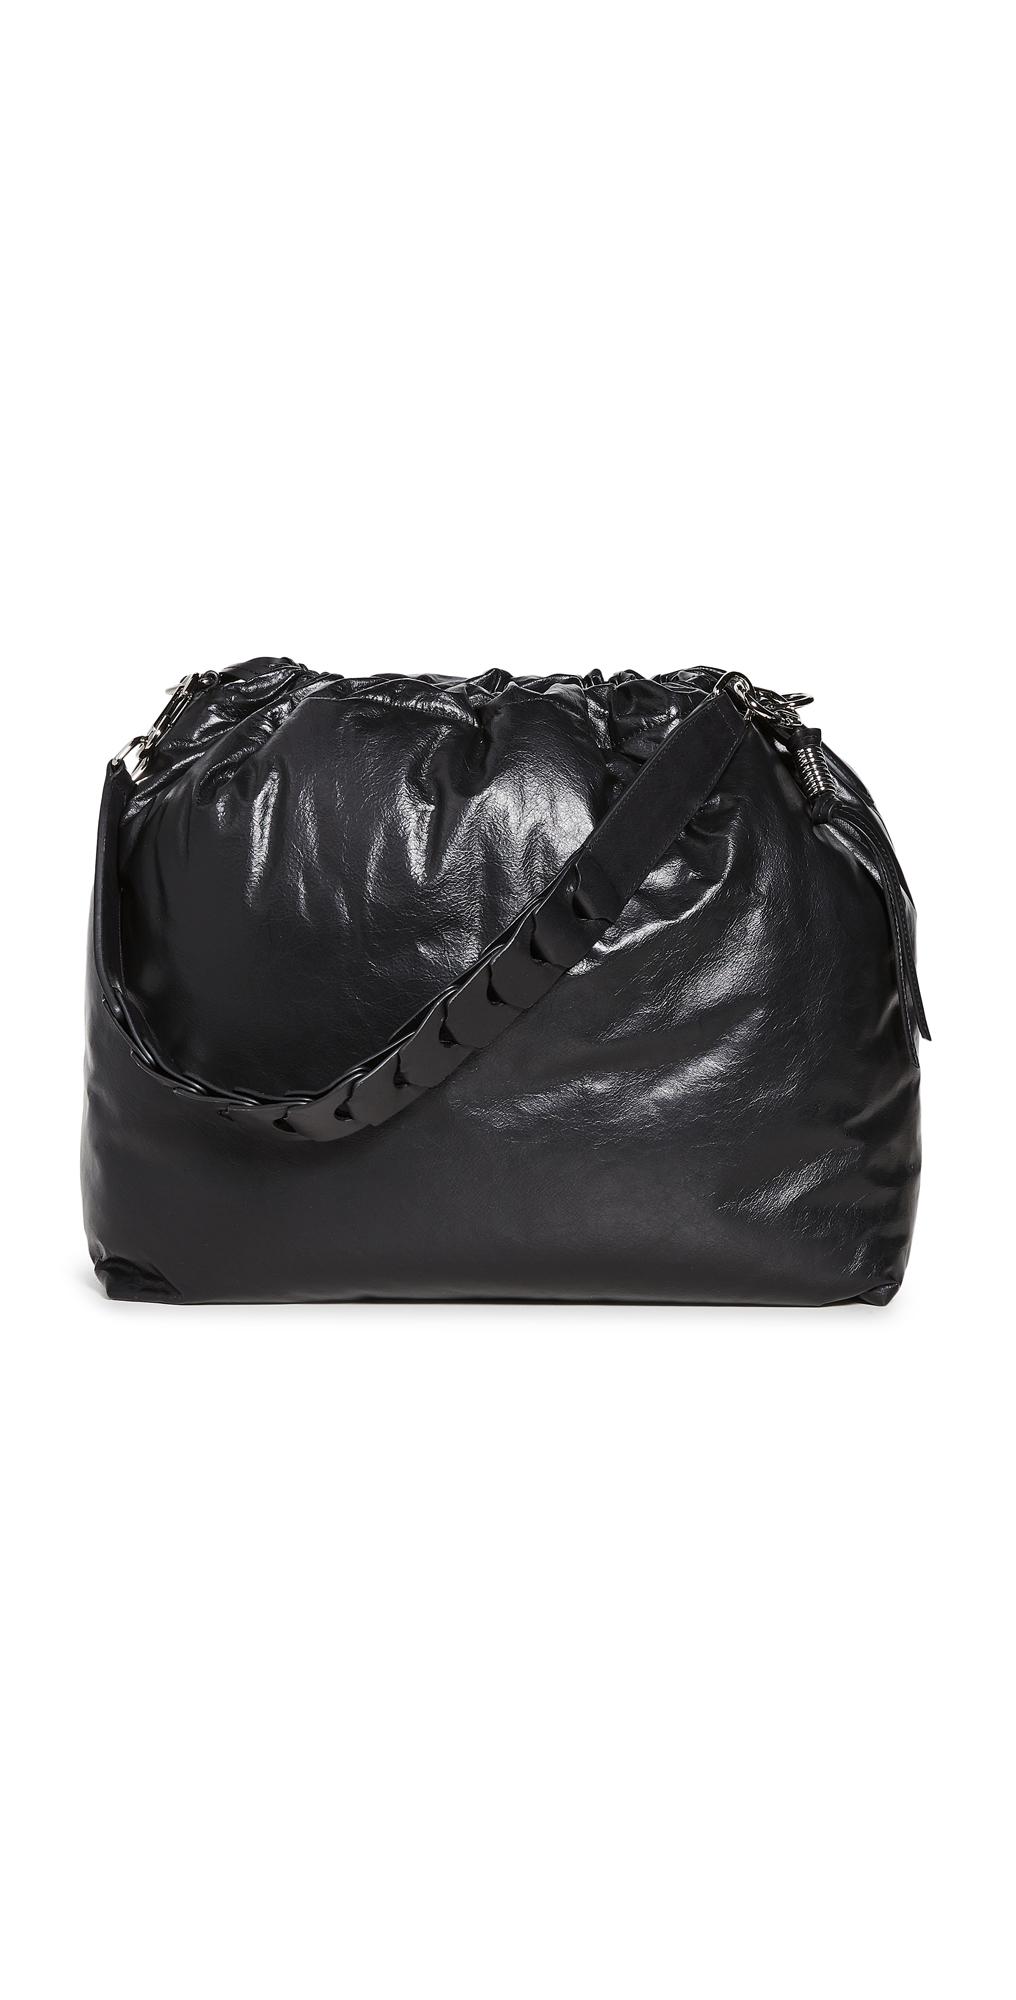 Isabel Marant Baggara Bag